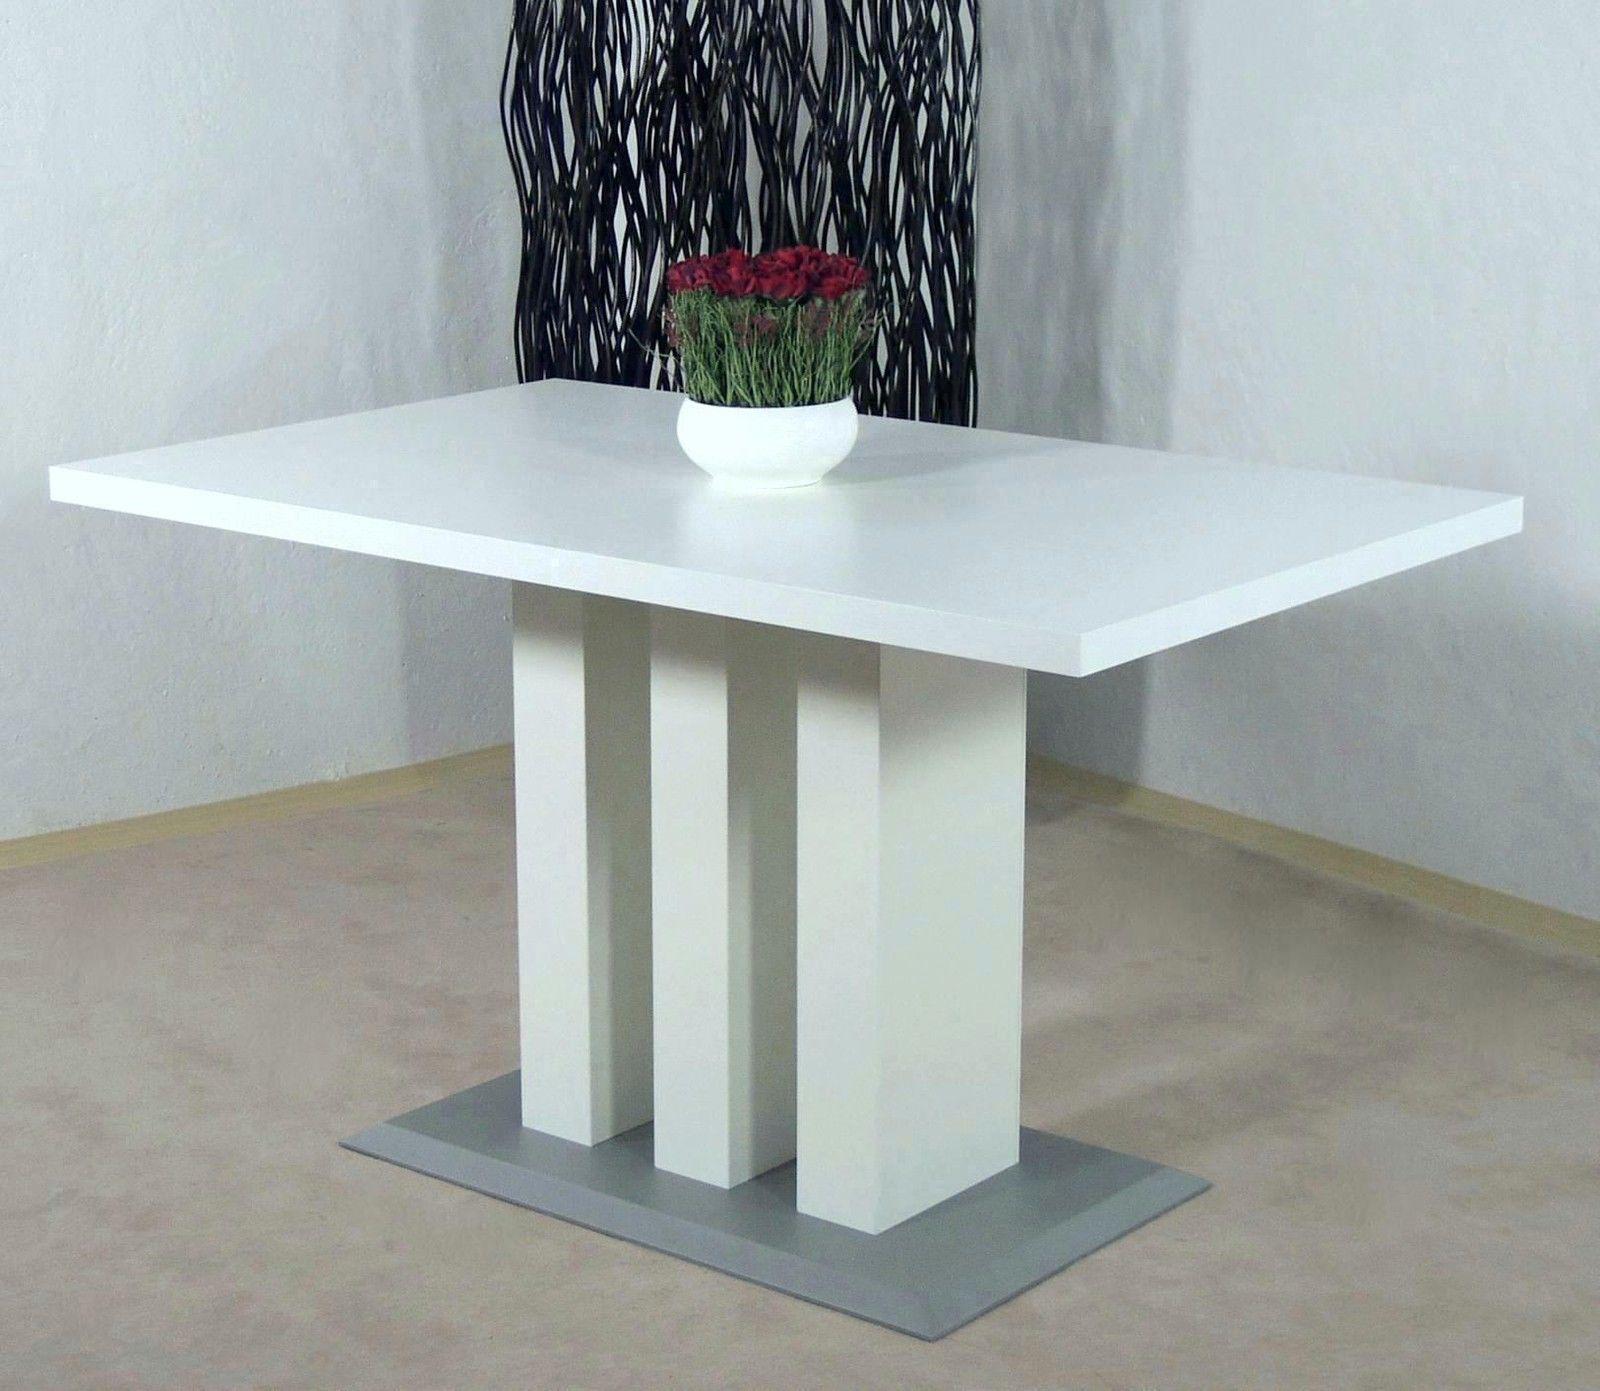 s ulentisch wei melamin esstisch esszimmertisch tisch k chentisch esszimmer kaufen bei go perfect. Black Bedroom Furniture Sets. Home Design Ideas